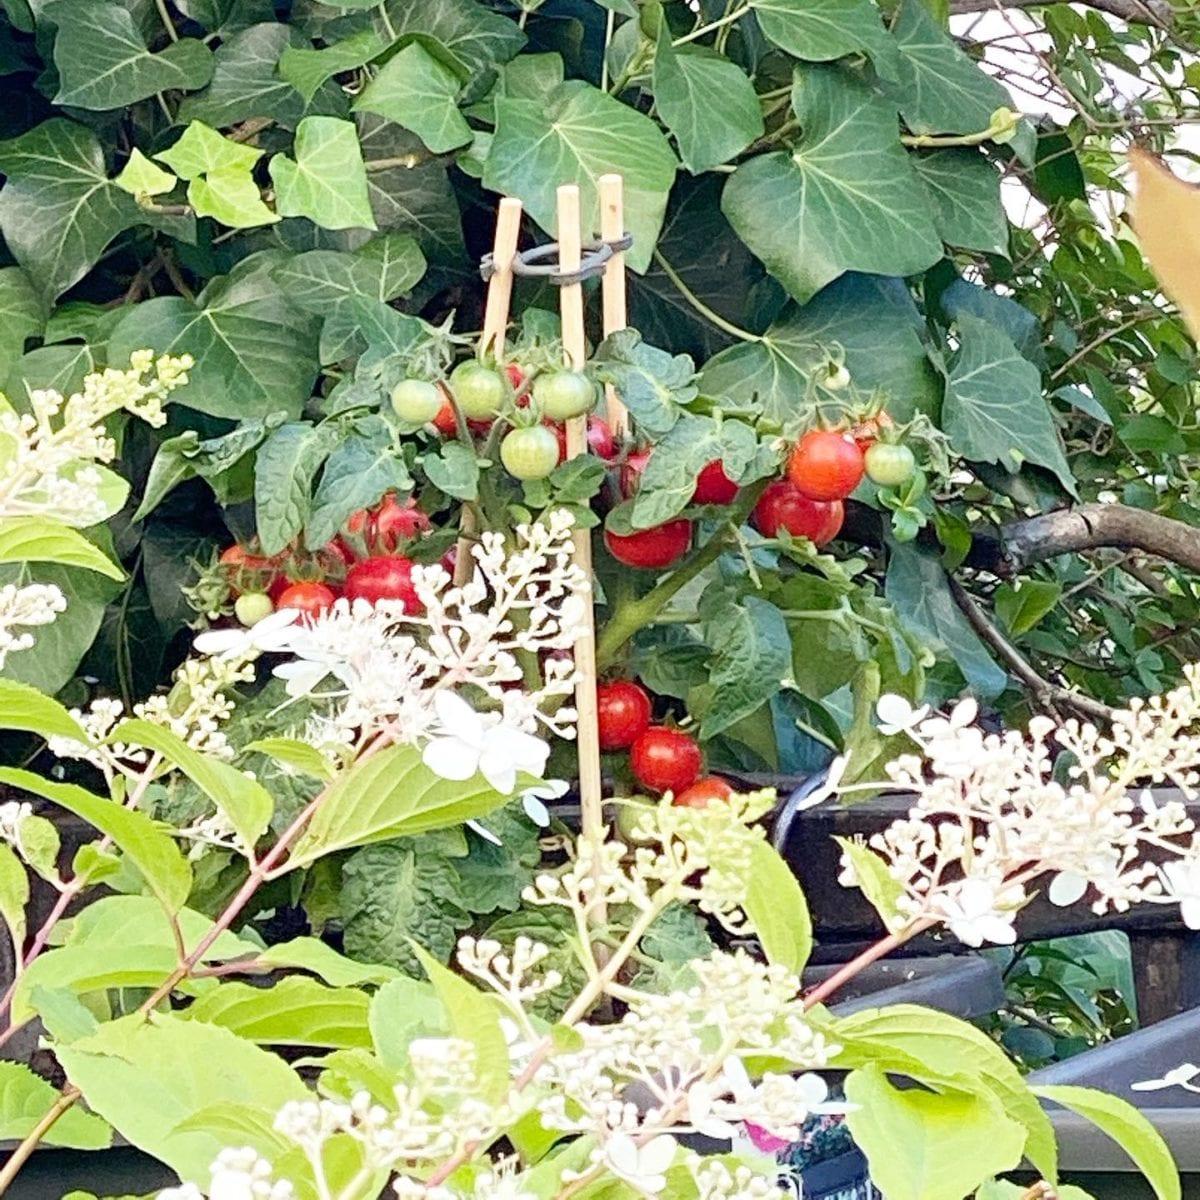 Dans le petit jardin  🌳🌞 ️ @mairie18